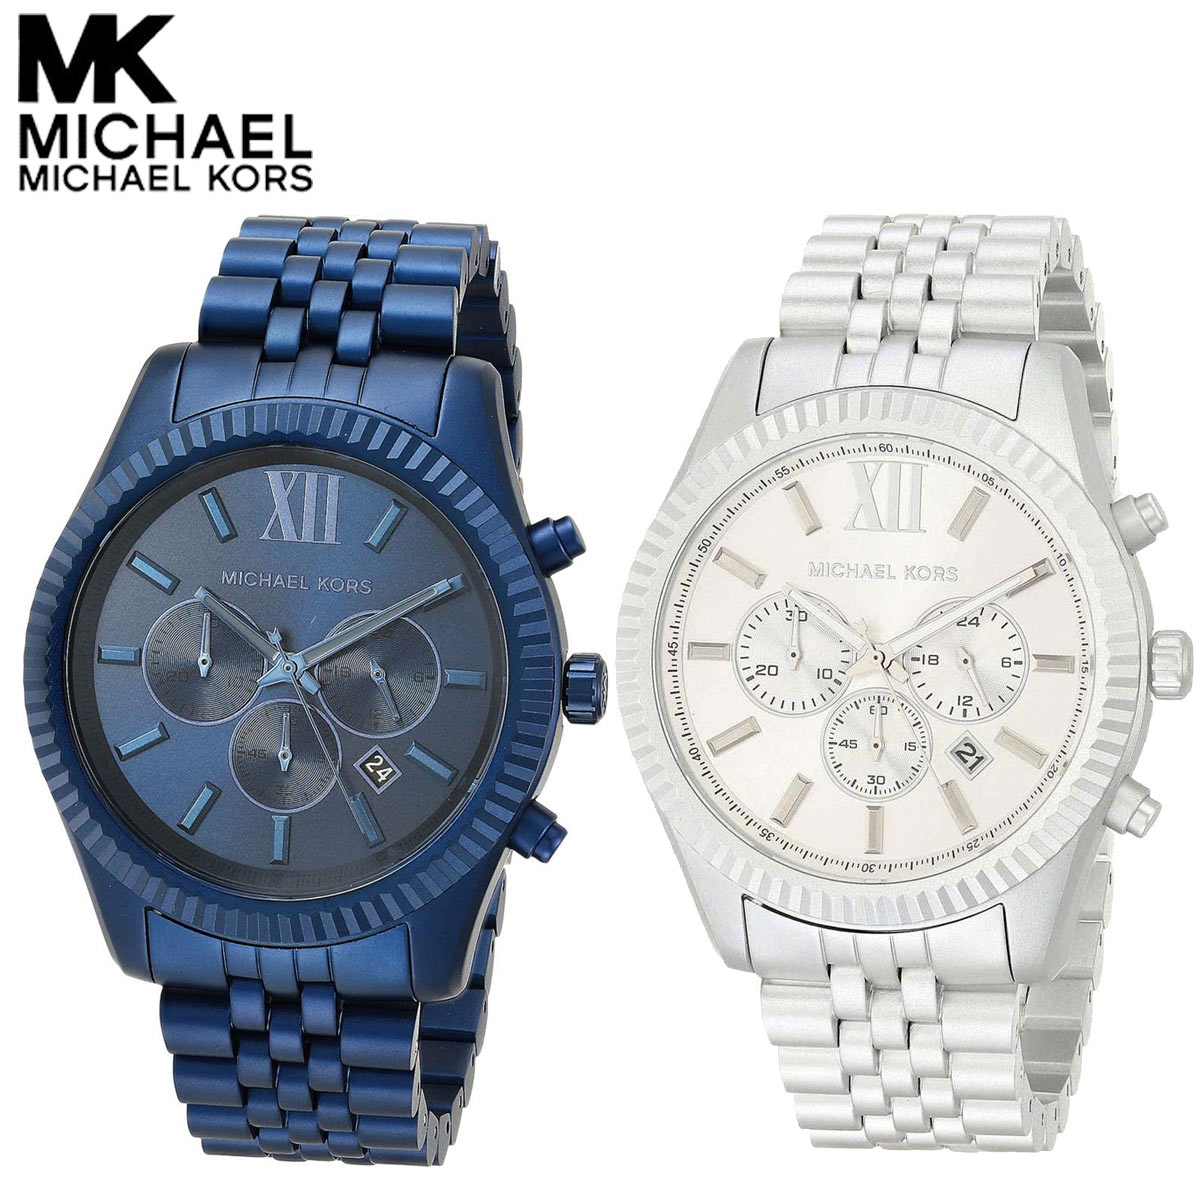 激安通販 マイケルコース 時計 腕時計 レディース ブランド レキシントン おしゃれ Kors 今だけスーパーセール限定 Michael Lexington